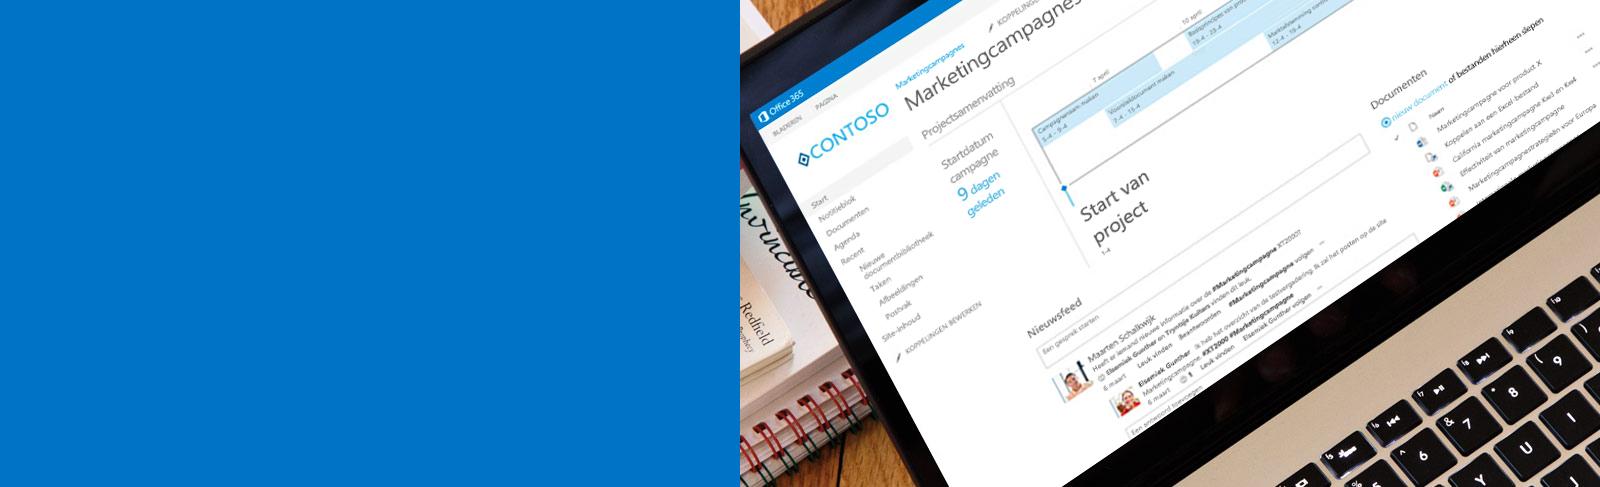 Een laptop met een document dat wordt geopend via SharePoint.